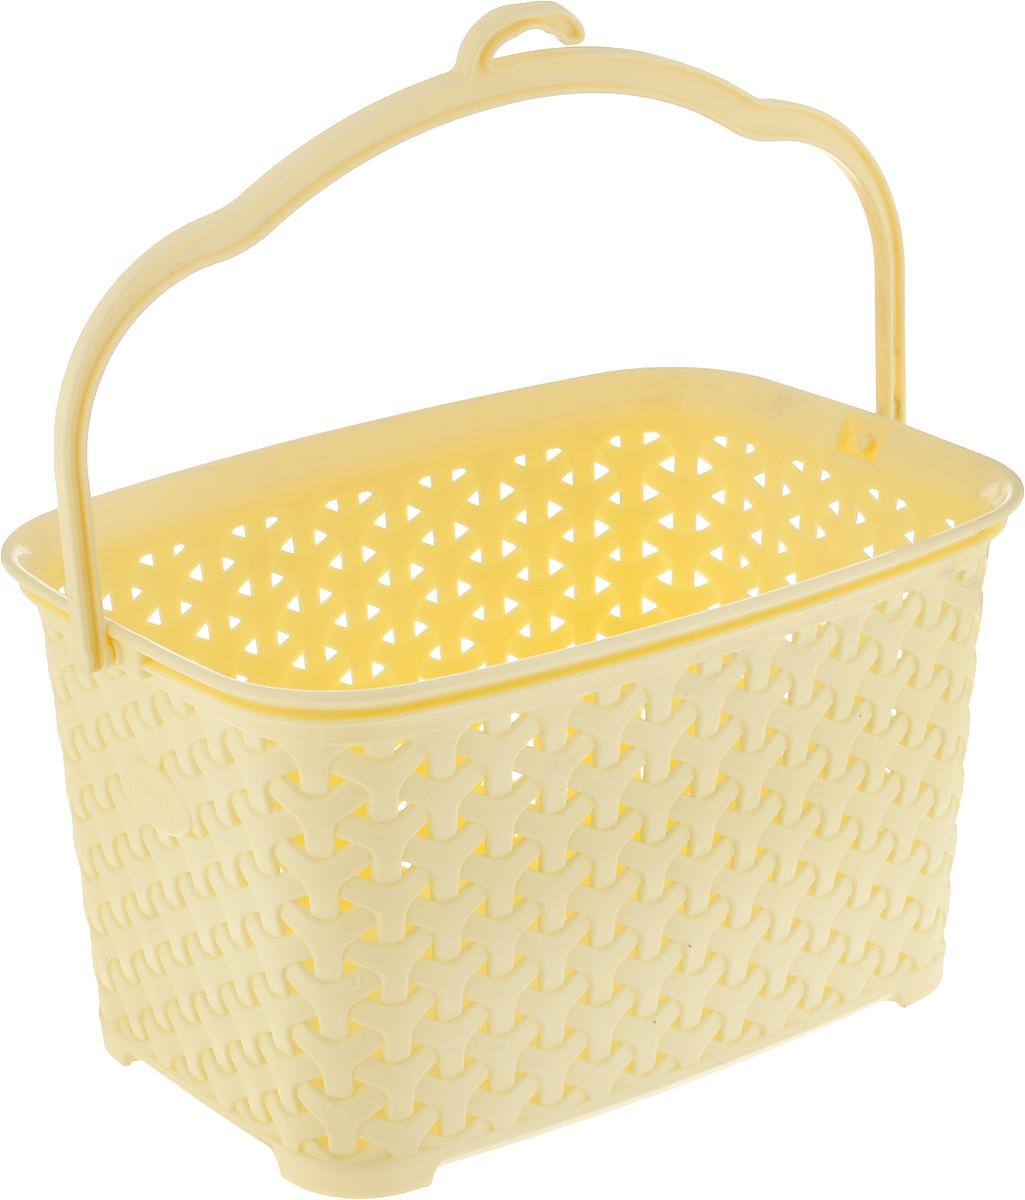 Корзина для прищепок Magnolia Home, цвет: светло-желтый, 3 лК0785_желтыйКорзина Magnolia Home, выполненная из высококачественного полипропилена, оснащена удобной ручкой для переноски. Изделие предназначено для хранения прищепок и прочих хозяйственных мелочей. Боковые стенки корзины оформлены перфорацией. Элегантный выдержанный дизайн позволяет ей органично вписаться в ваш интерьер и стать его элементом. Размер корзины: 22 х 15,5 х 12,5 см. Высота с учетом ручки: 24 см.